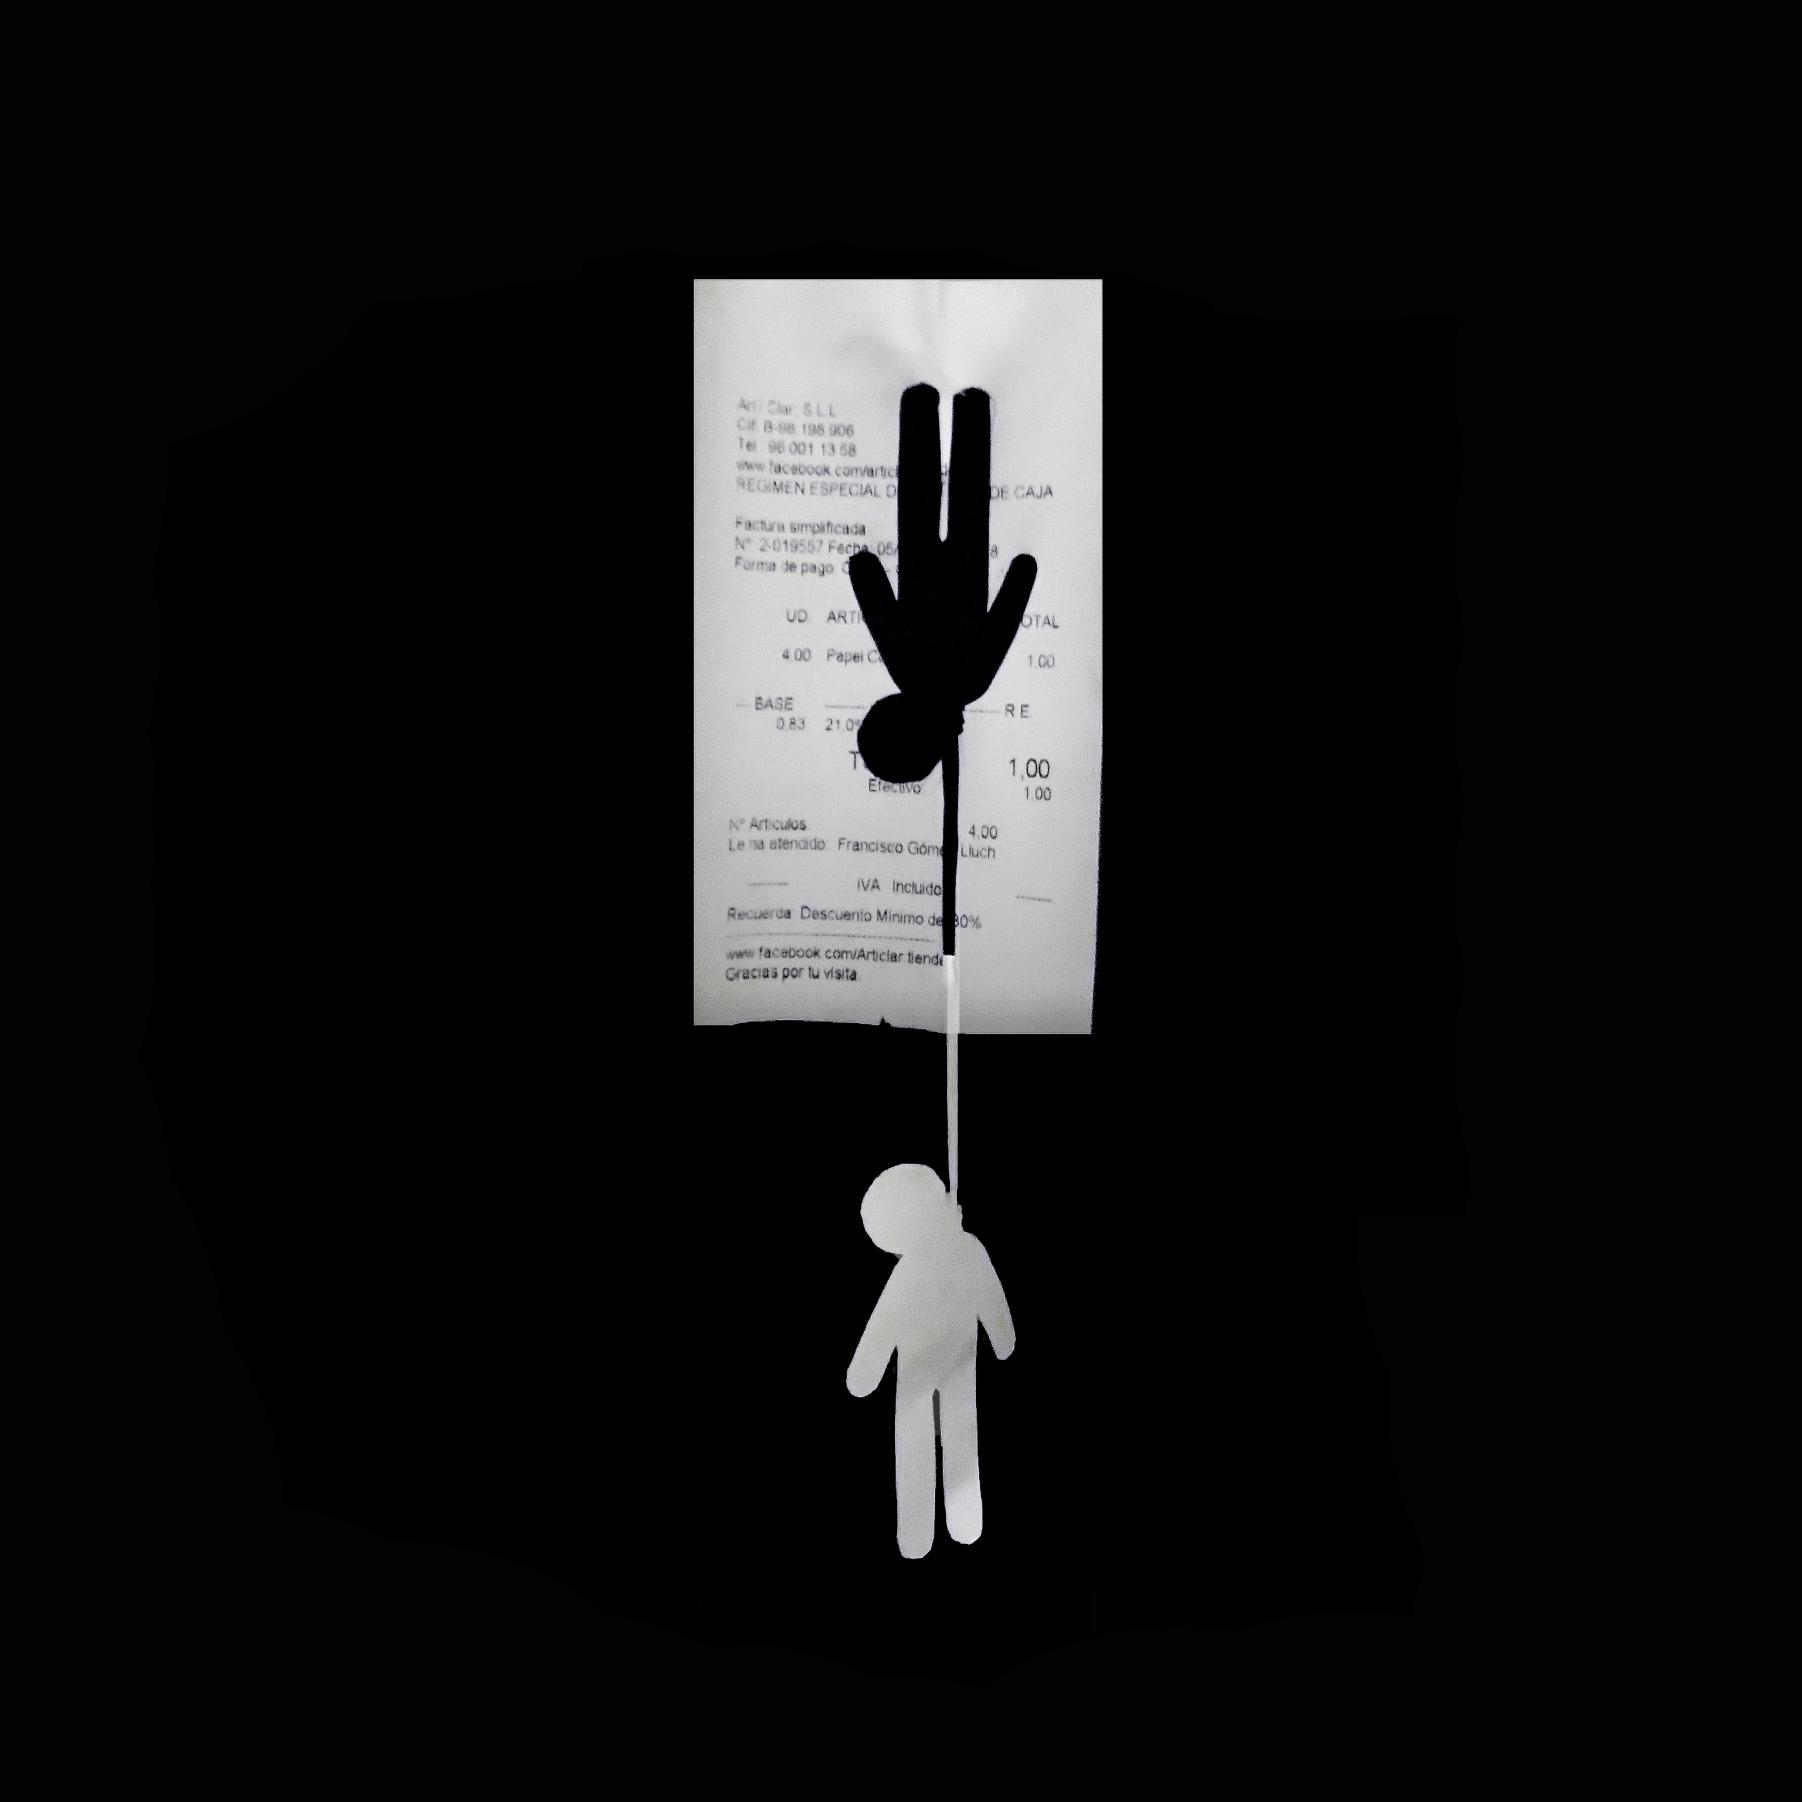 Sociedad Feliz (2018) - Ramón Picazo - @laboratoriodecalor